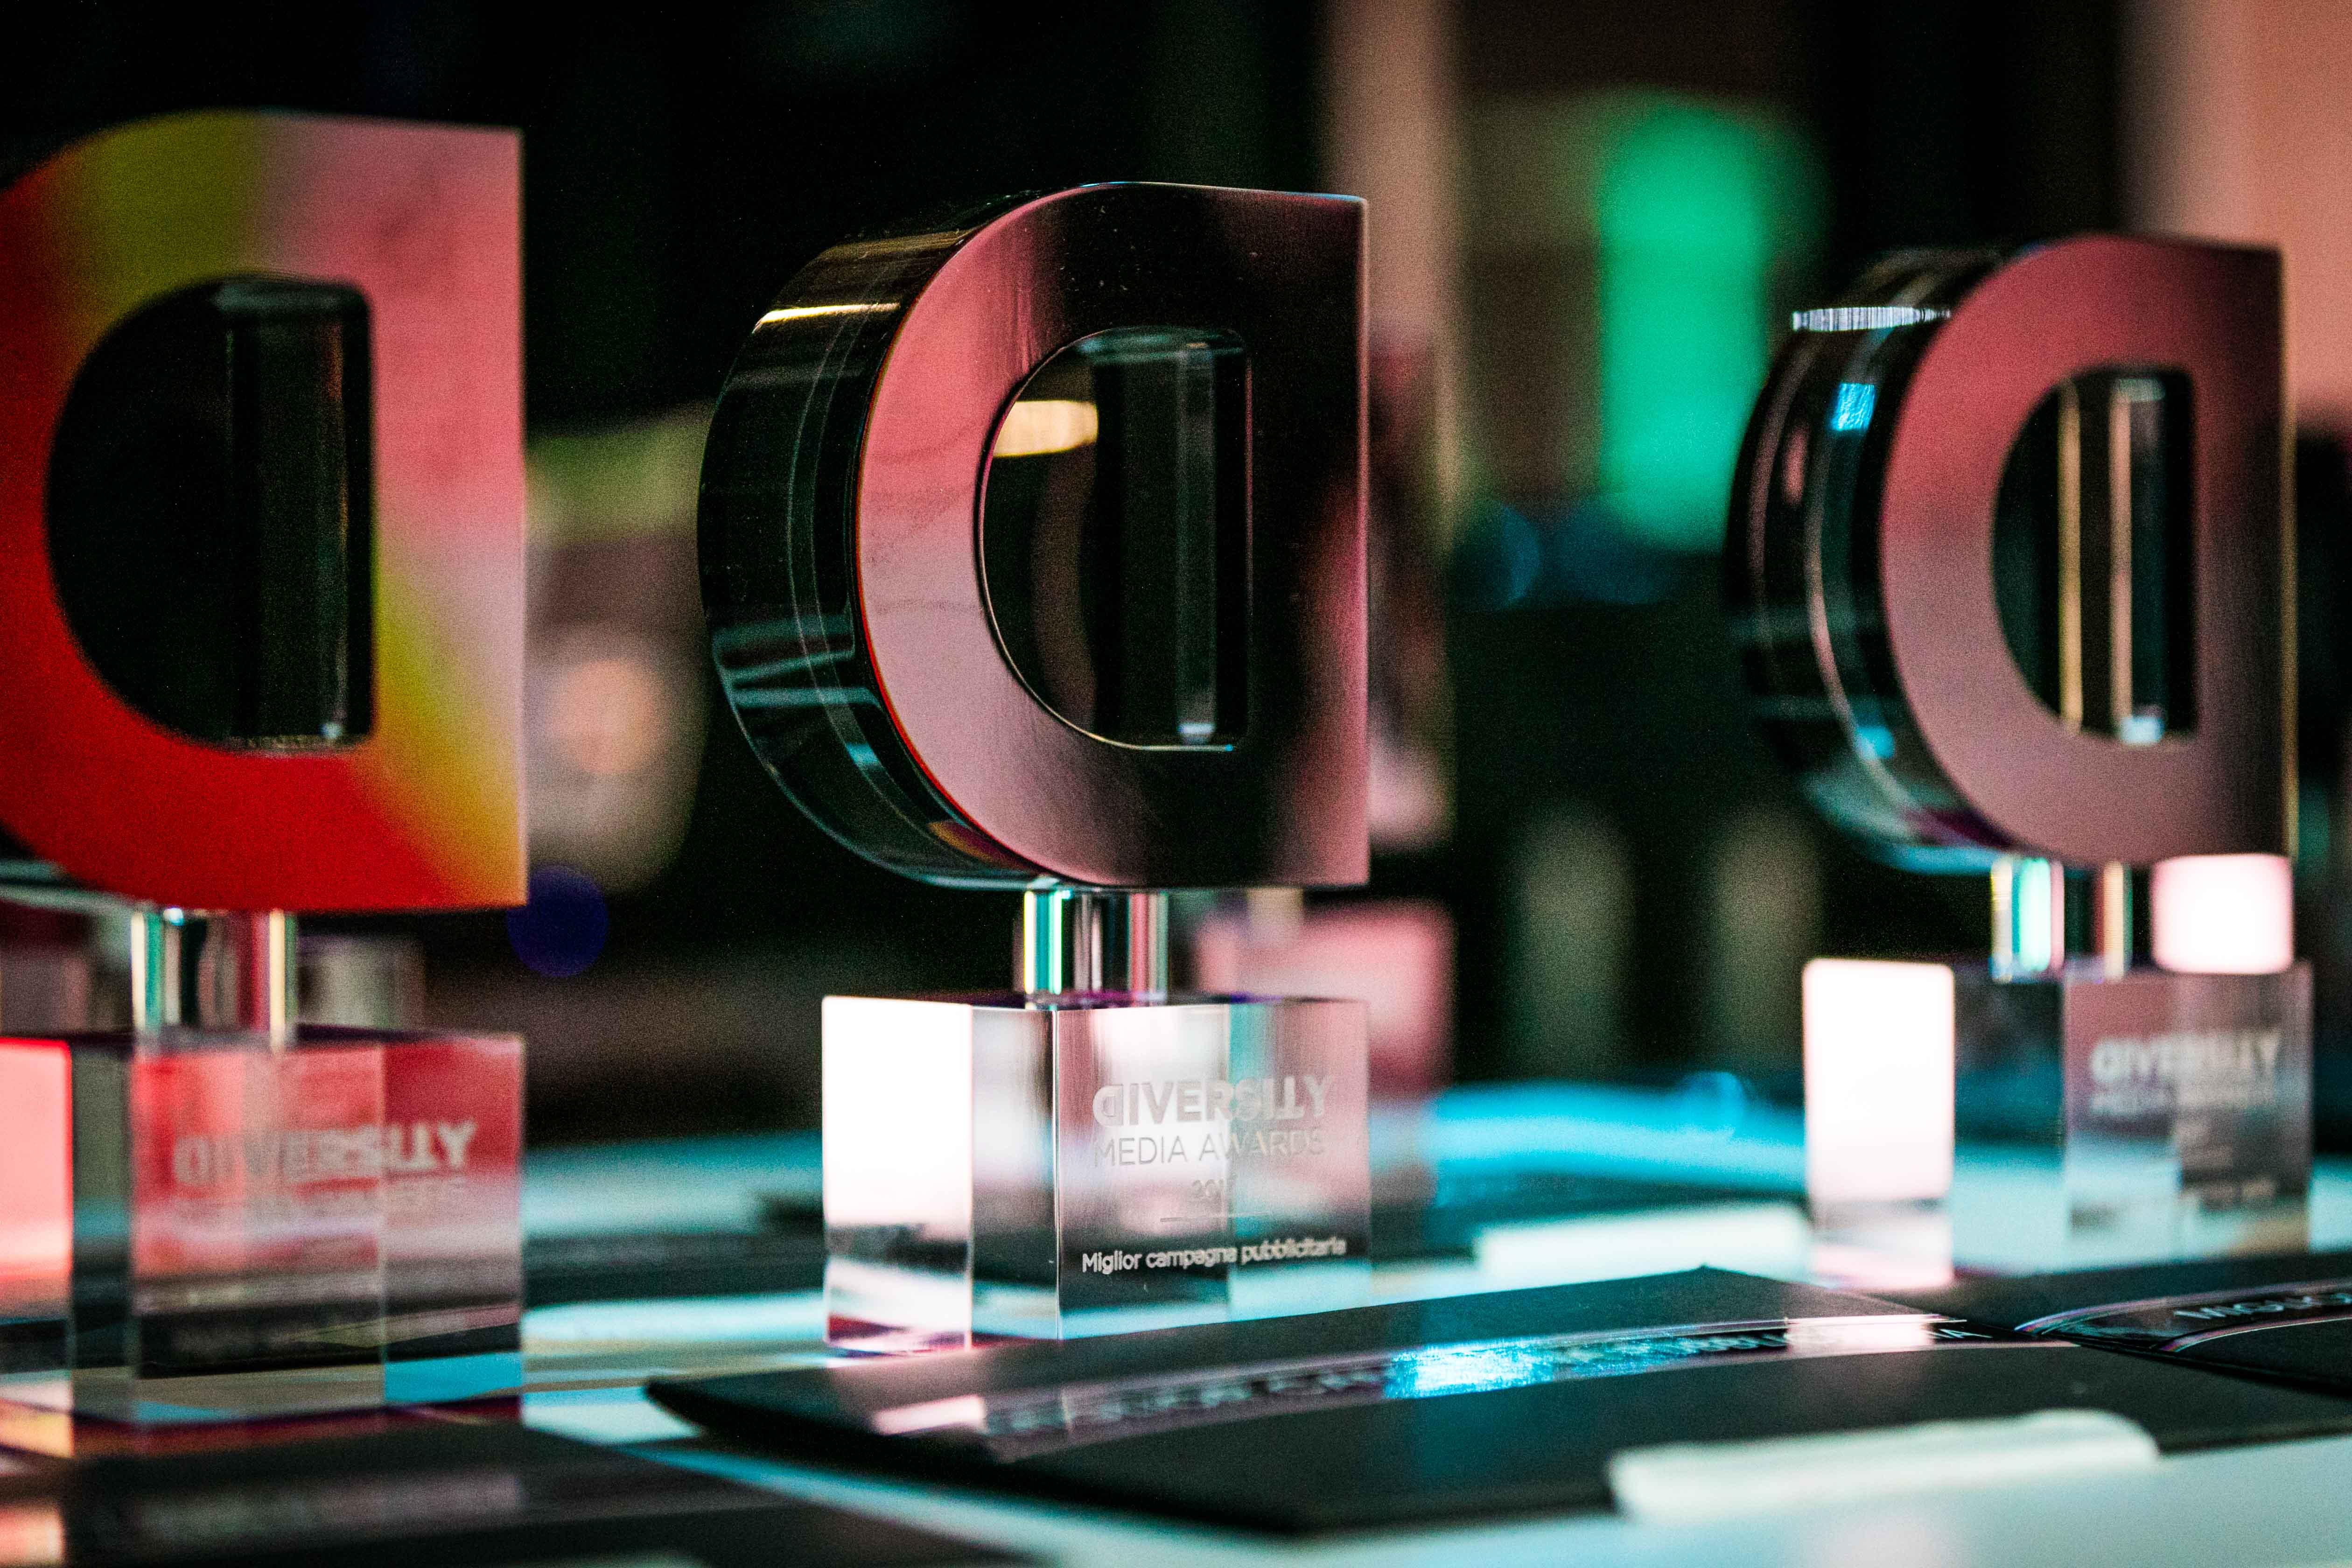 Diversity Media Awards, le tematiche LGBTI e il ruolo fondamentale della televisione